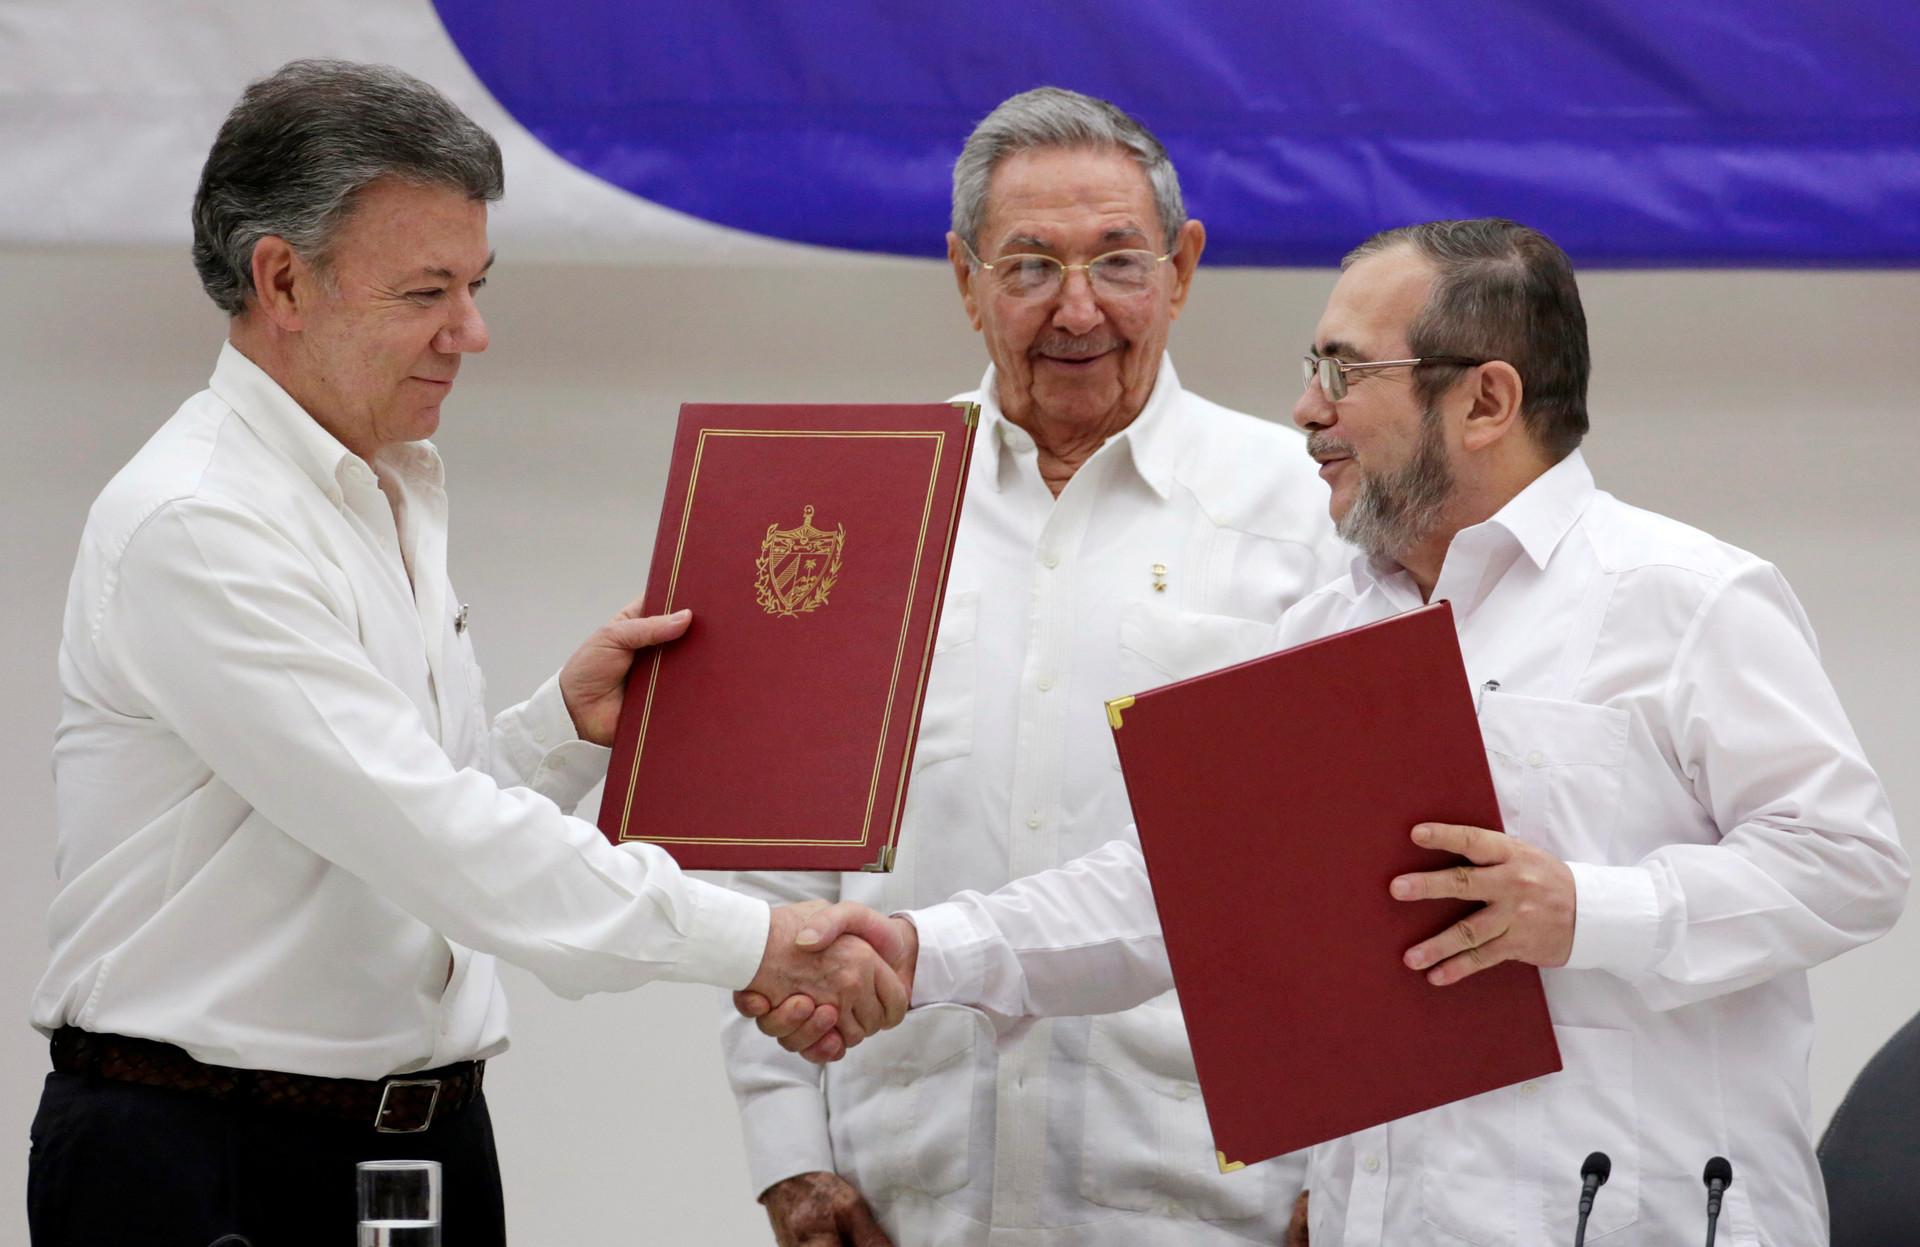 El presidente cubano Raúl Catros junto a su homólogo colombiano Juan Manuel Santos y Rodrigo Londono, el líder de las FARC, luego de la firma del acuerdo de paz. Cuba, 23 de junio de 2016.